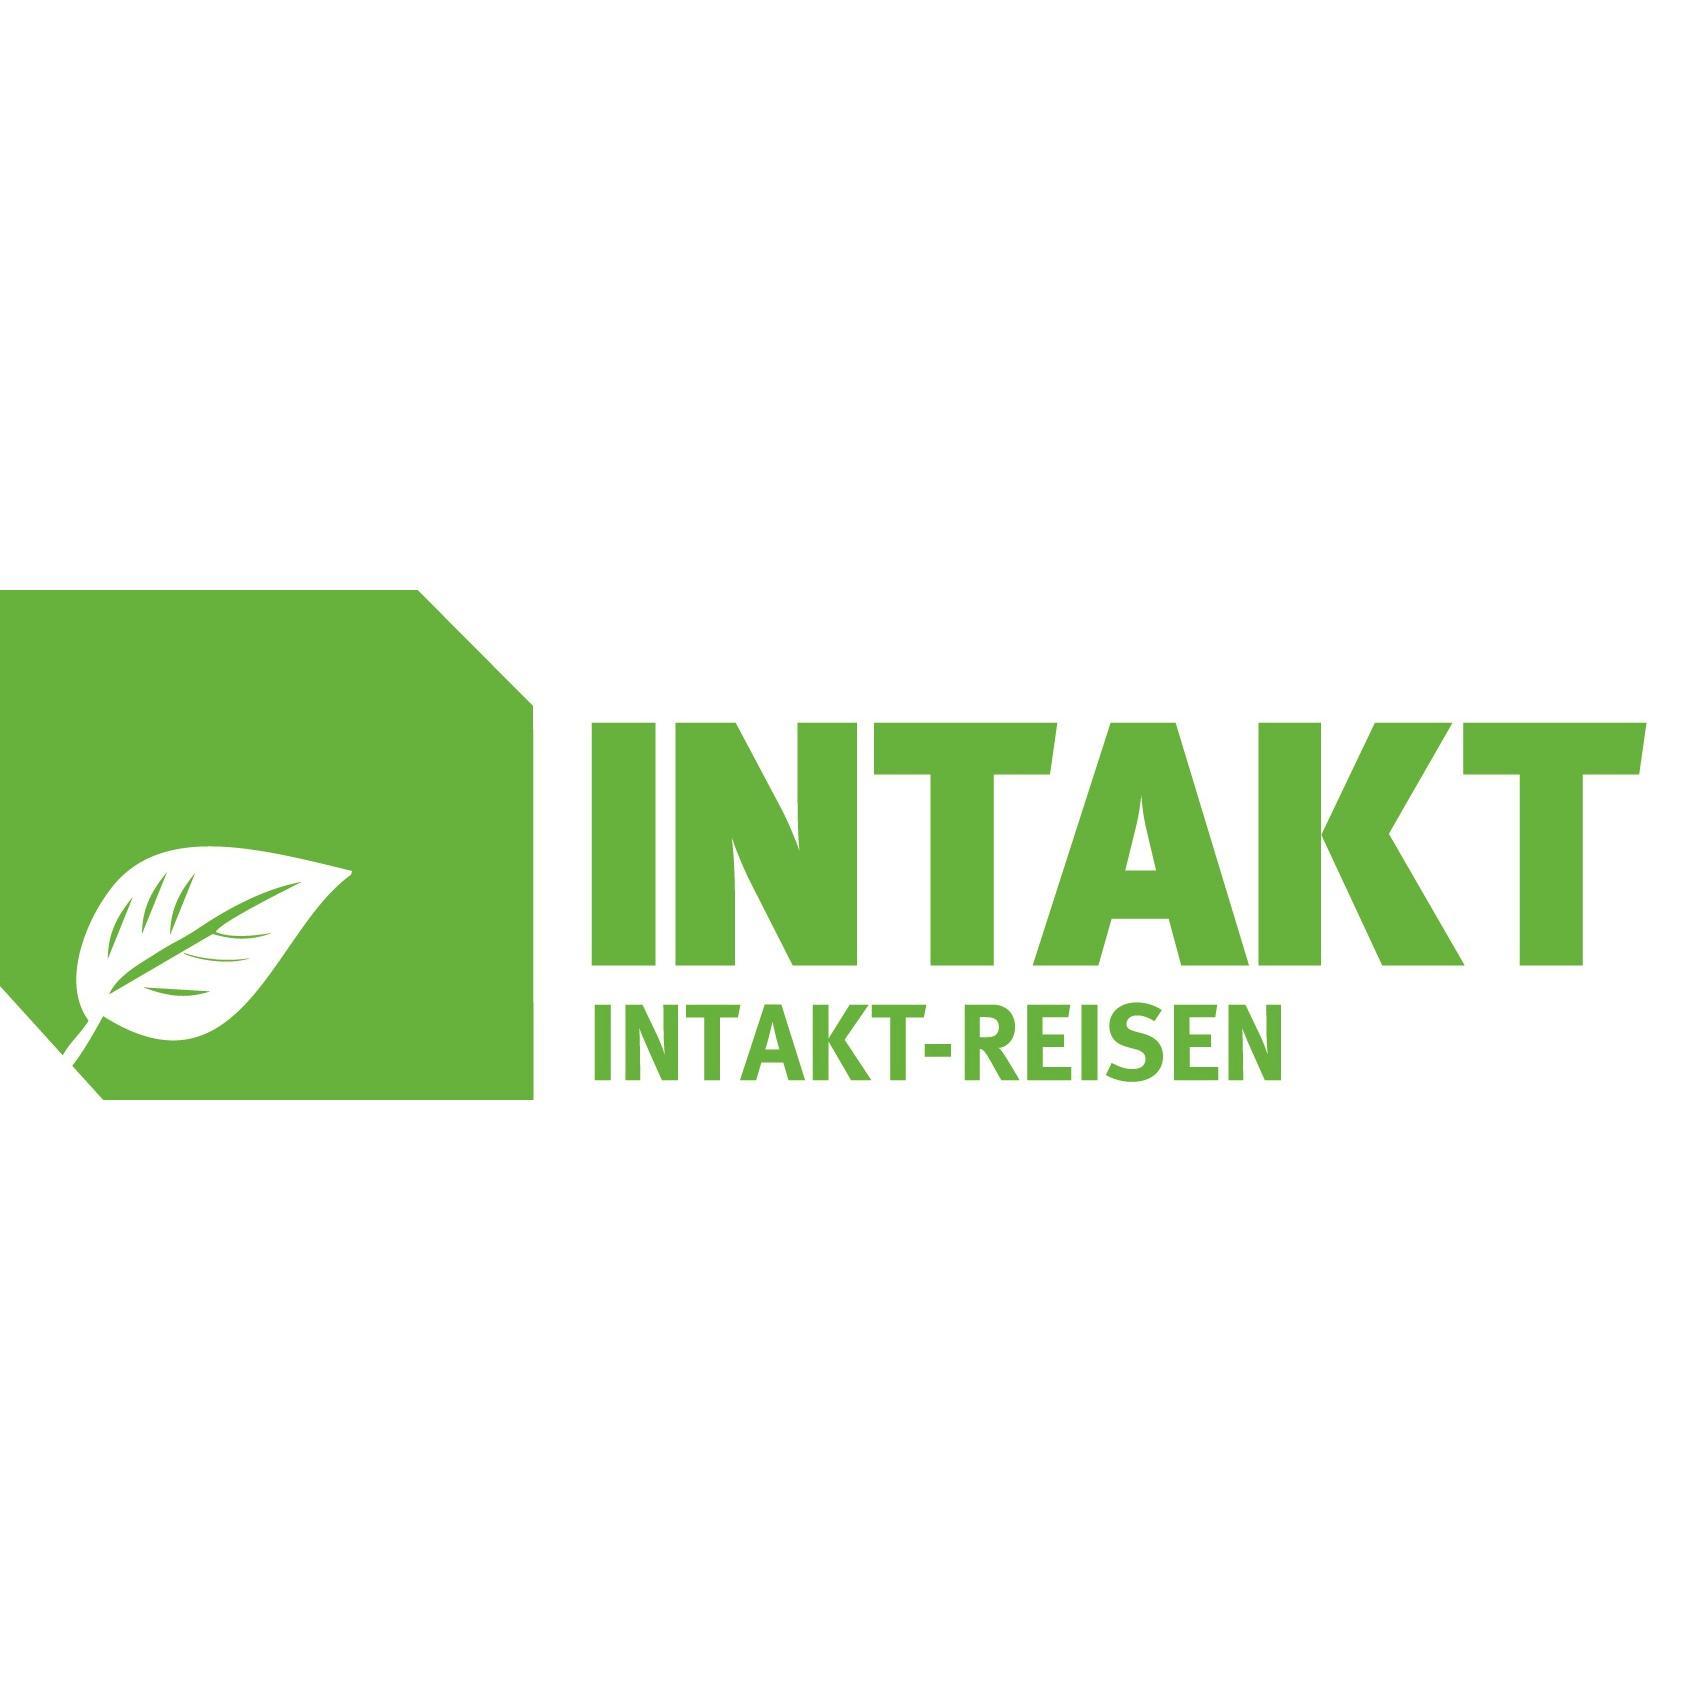 Bild zu Intakt-Reisen GmbH & Co. KG in Berlin